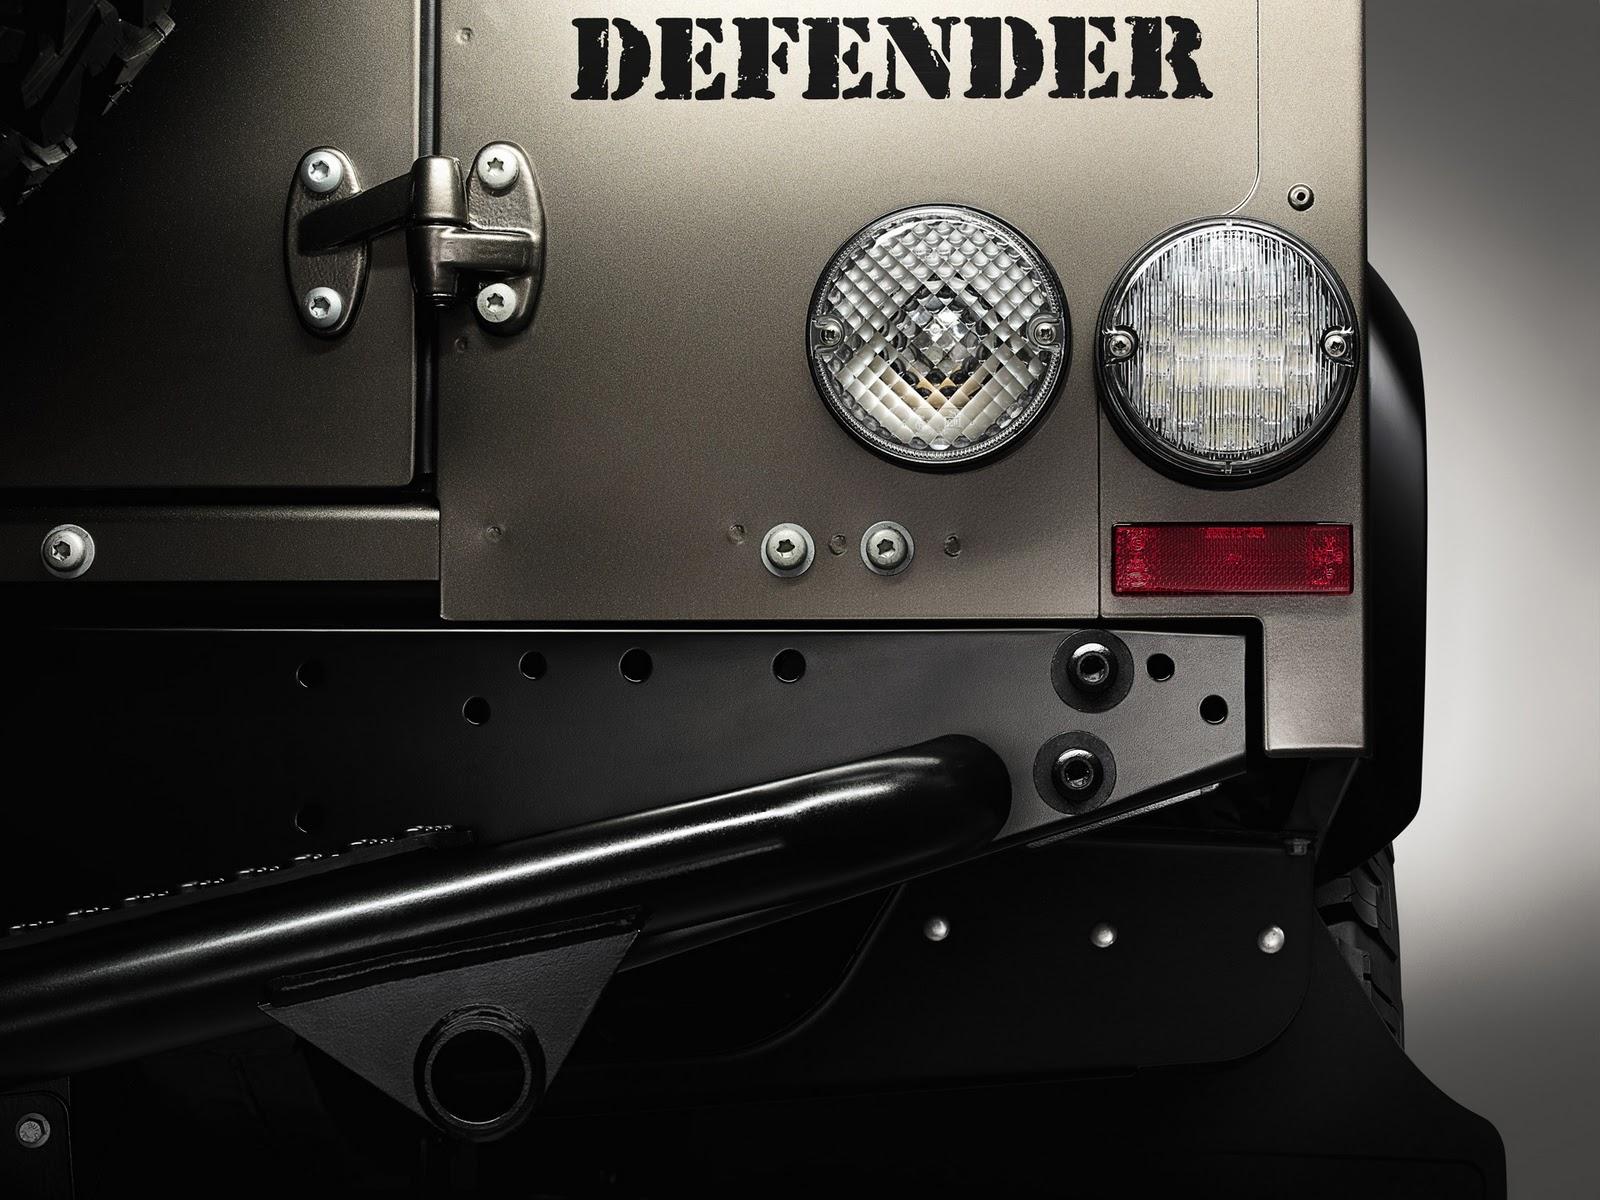 http://2.bp.blogspot.com/-MhXED174waQ/TWZVLkqdF-I/AAAAAAAAAXk/nTYdo5T5-uw/s1600/2011-Land-Rover-Defender-Limited-Edition-Taillights-1920x1440.jpg